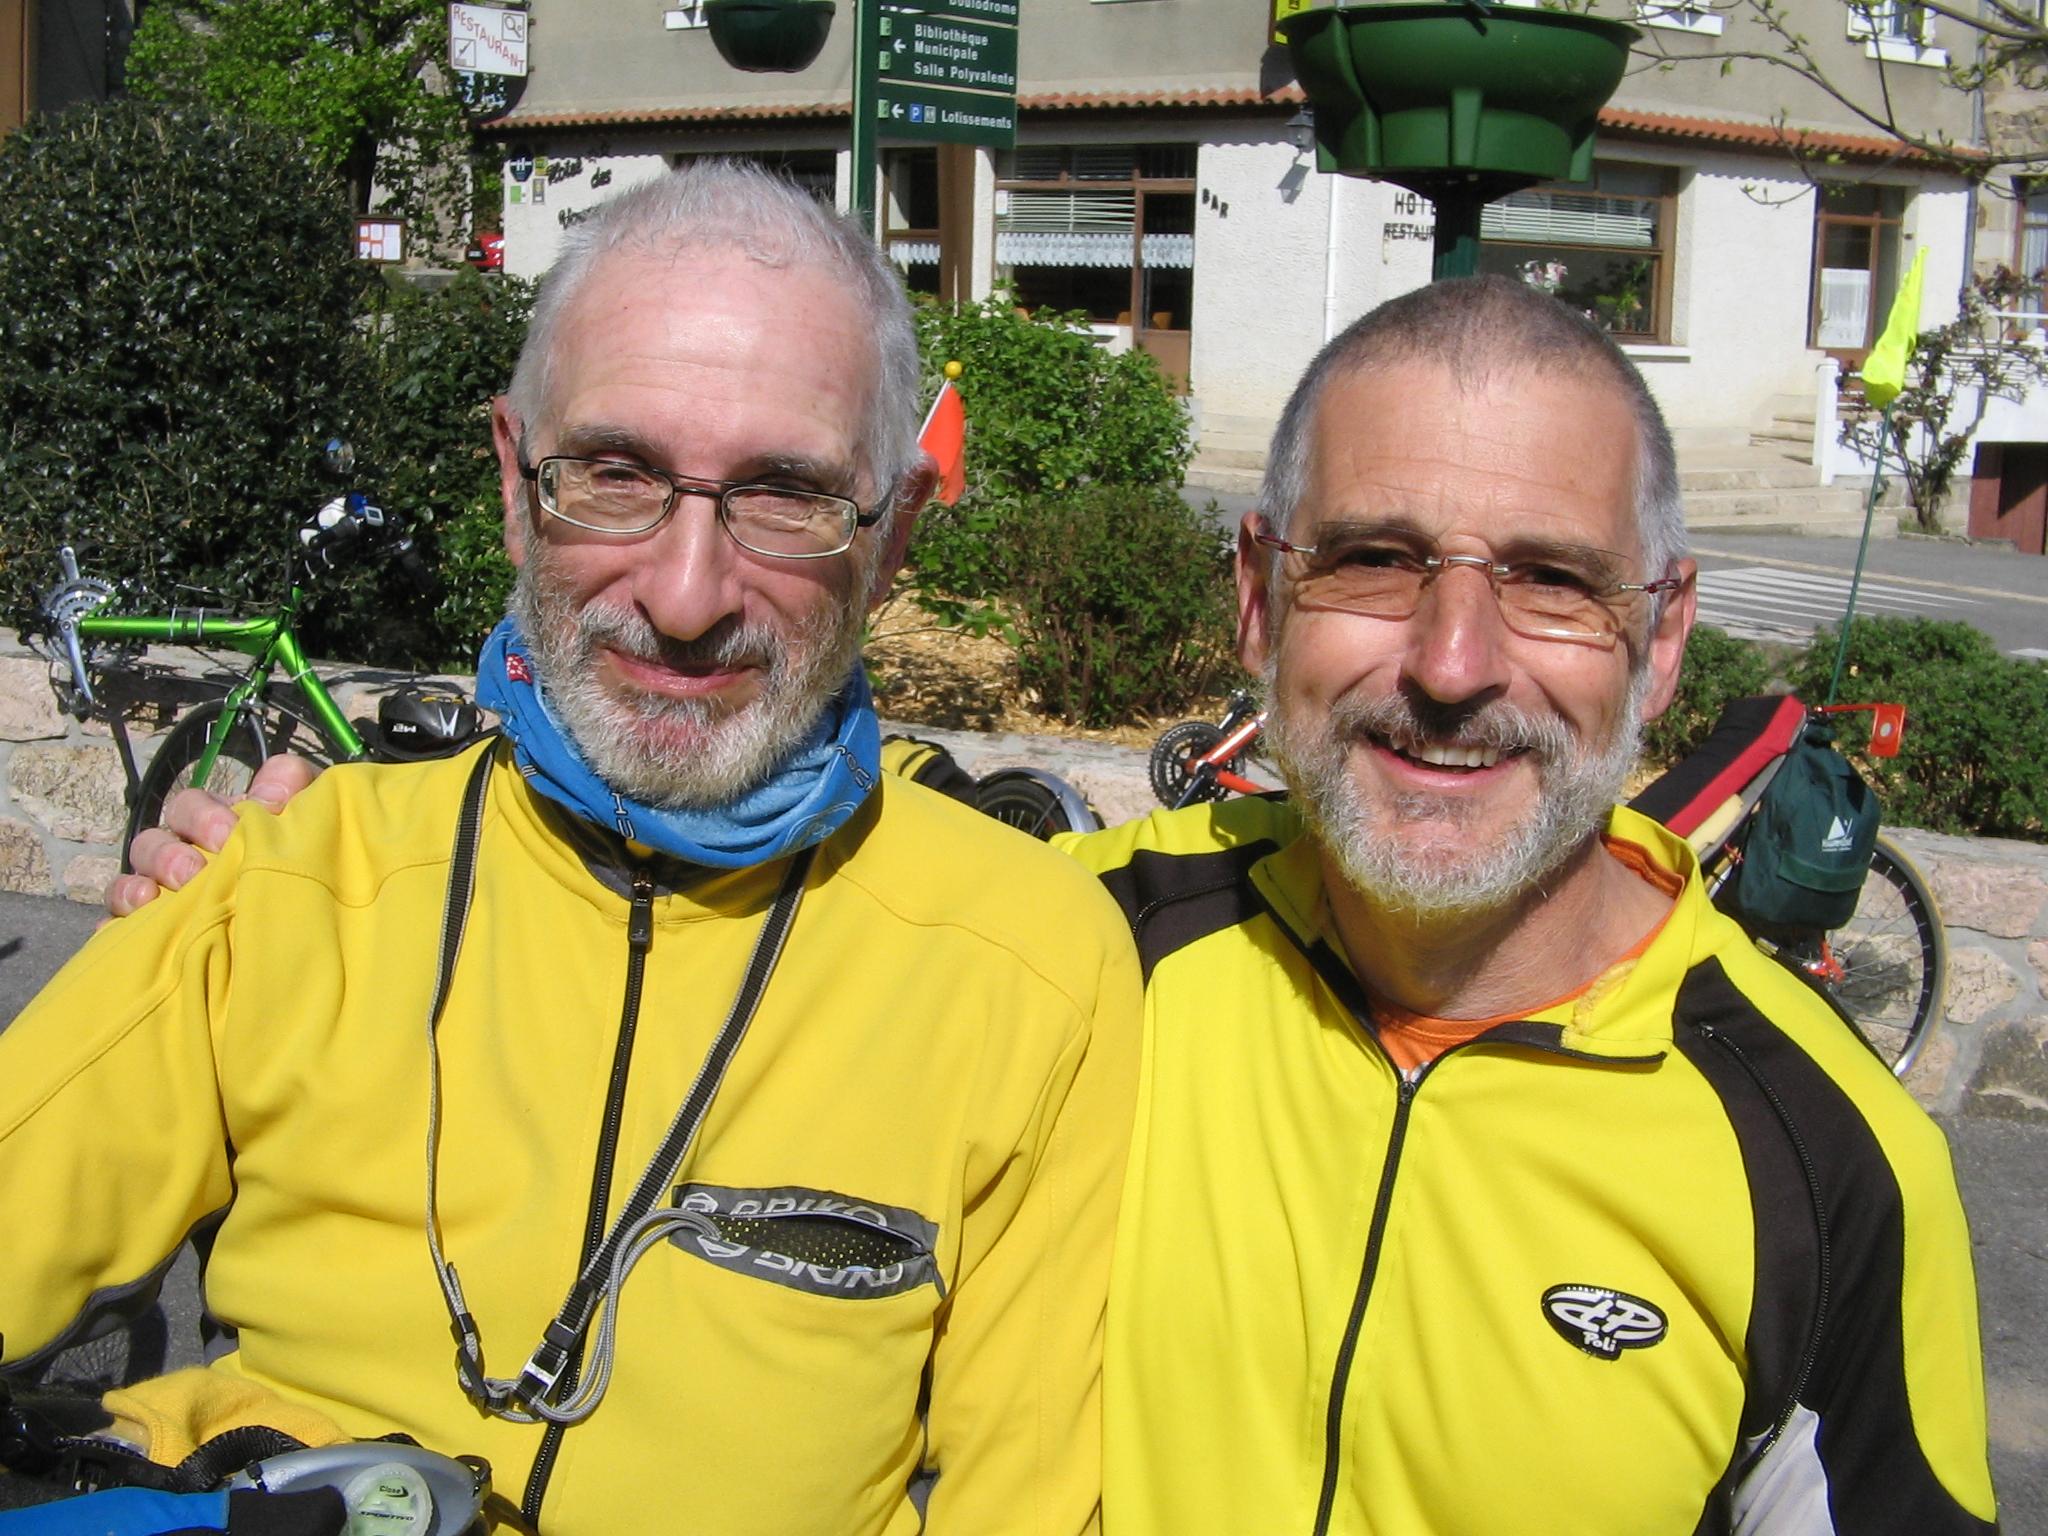 6e sortie dans la vallée du Haut Doux (Ardèche) le samedi 16 avril 2011 3799806sortiedelavalleduhautdoux013